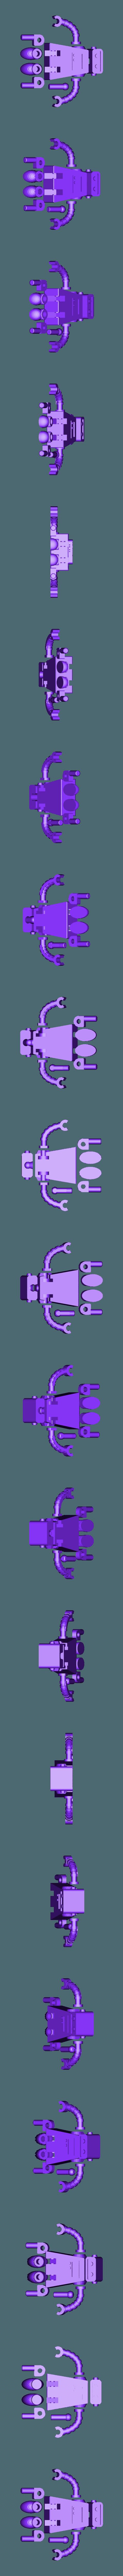 mama.stl Télécharger fichier STL gratuit Famille de robots Simple Pas de soutien • Plan imprimable en 3D, Toymakr3D